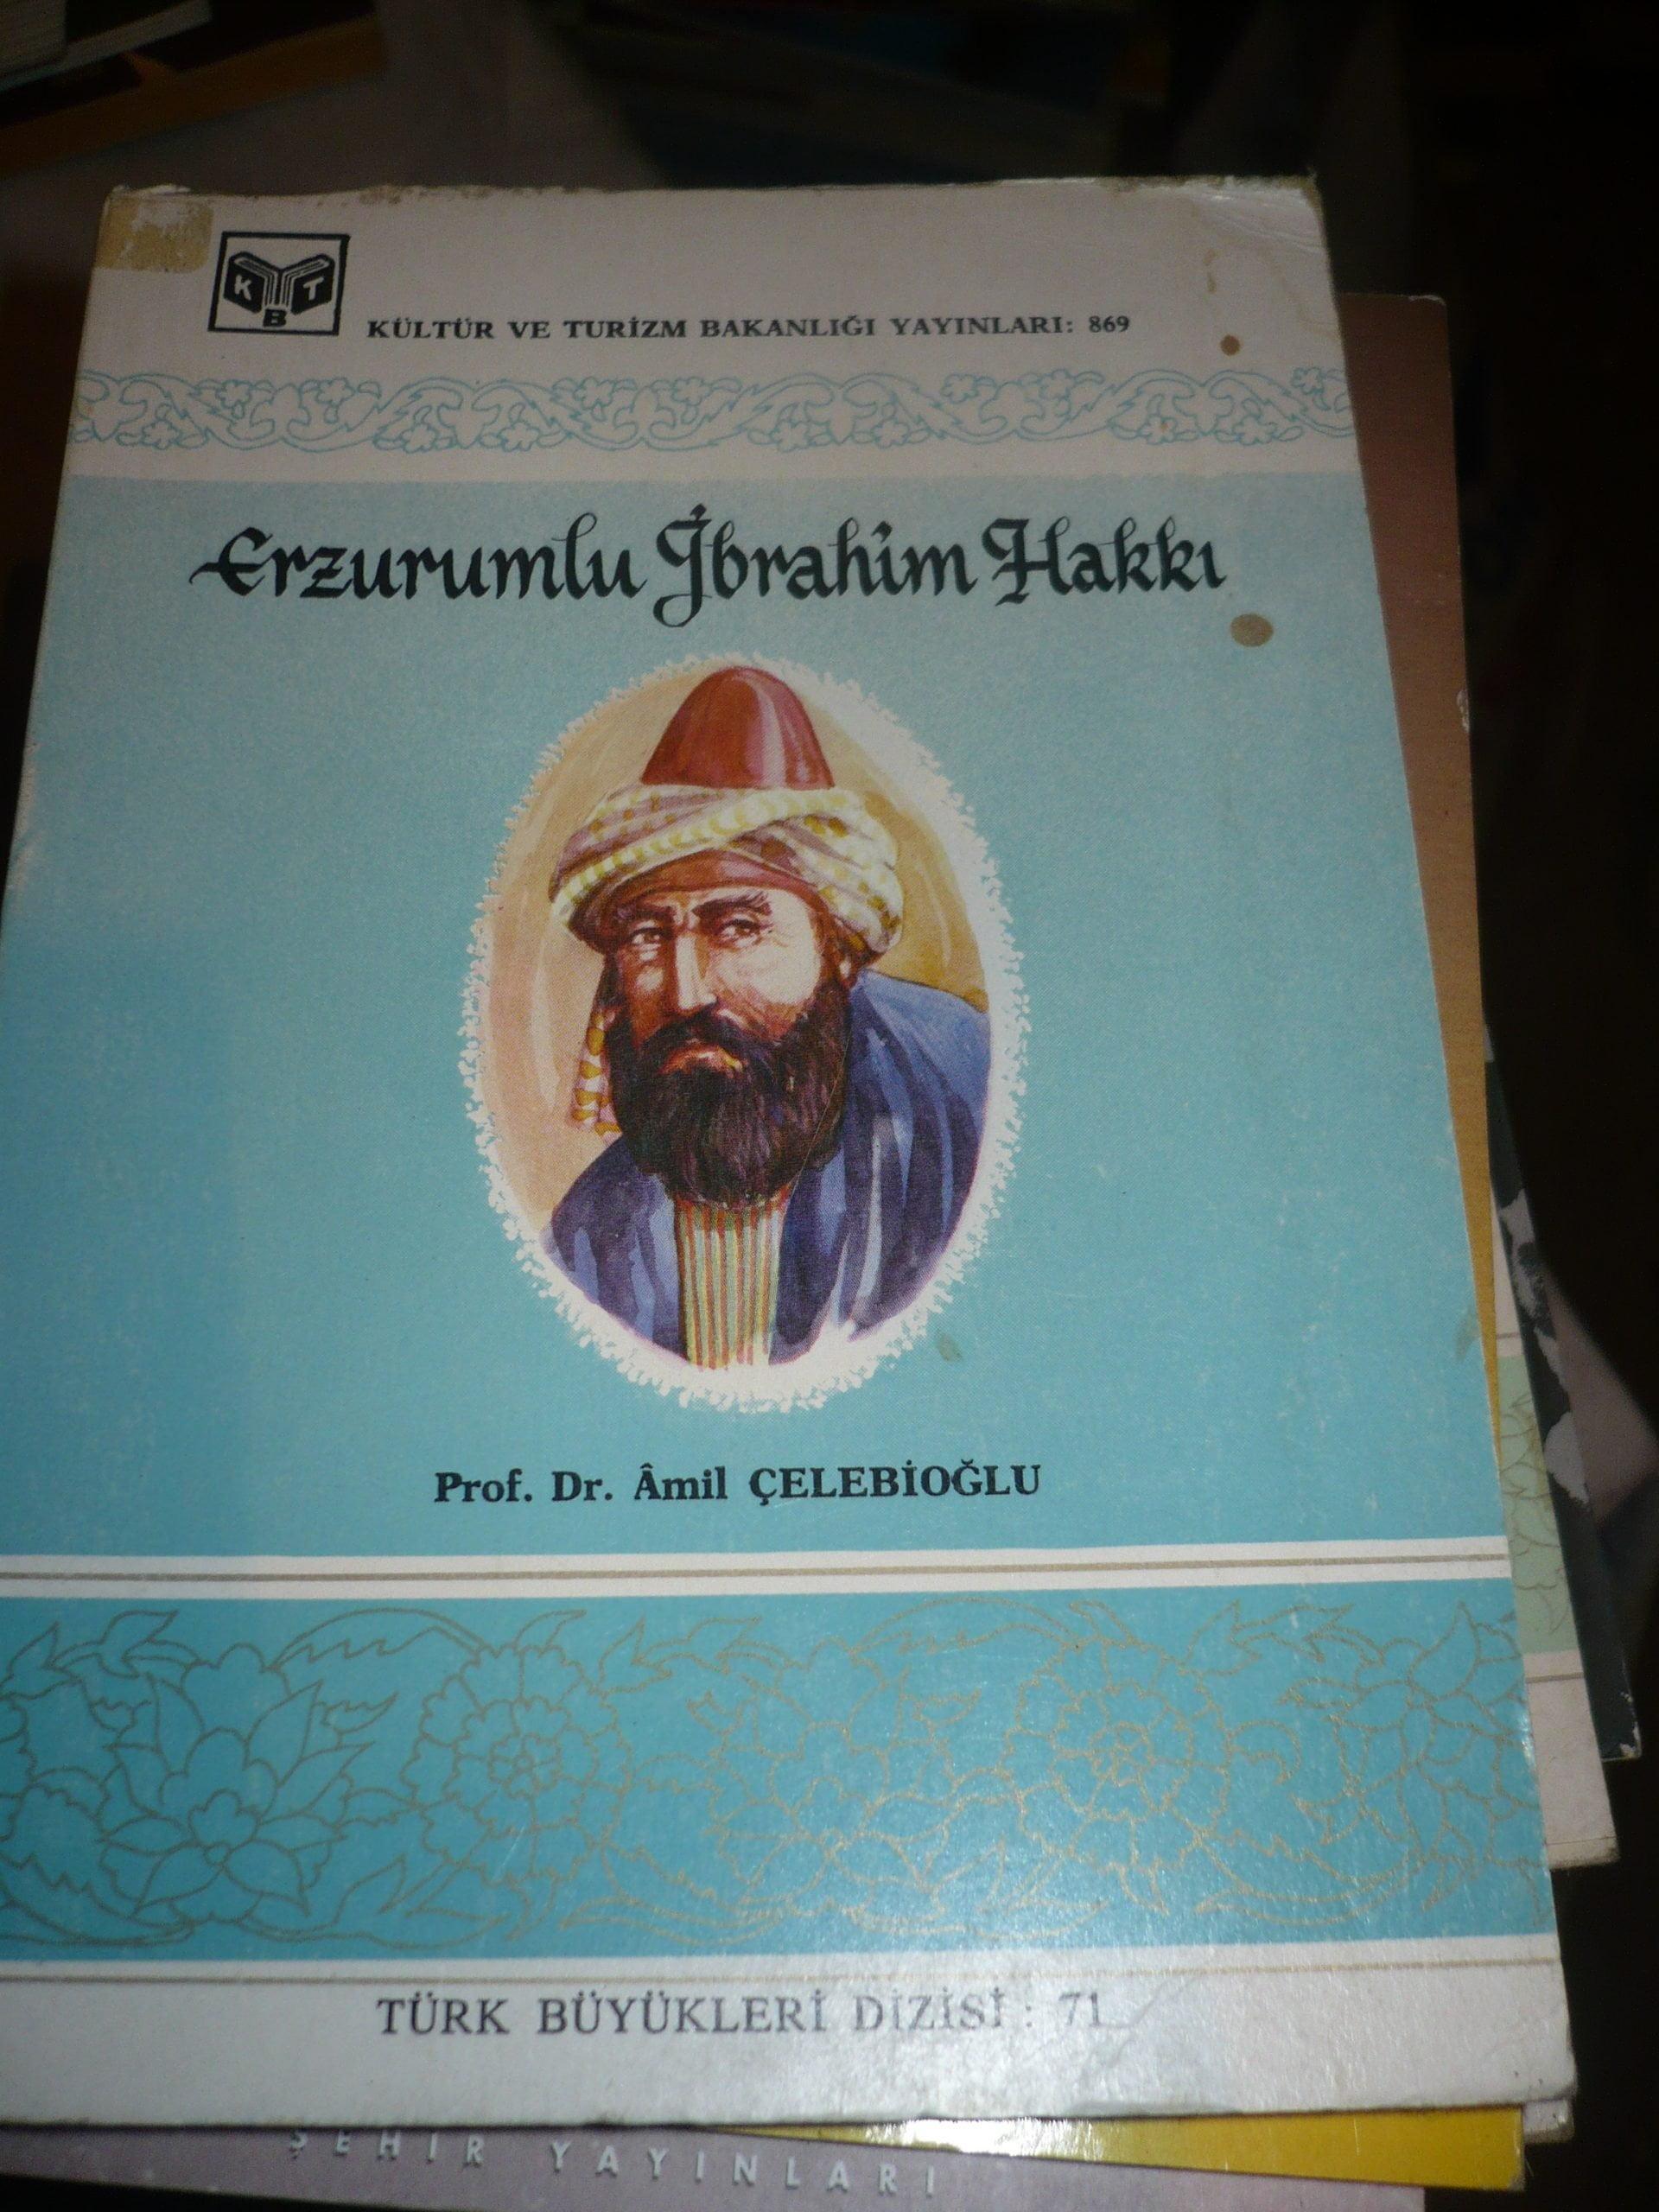 ERZURUMLU İBRAHİM HAKKI/Prof.Dr.Amil ÇELEBİOĞLU/15 TL